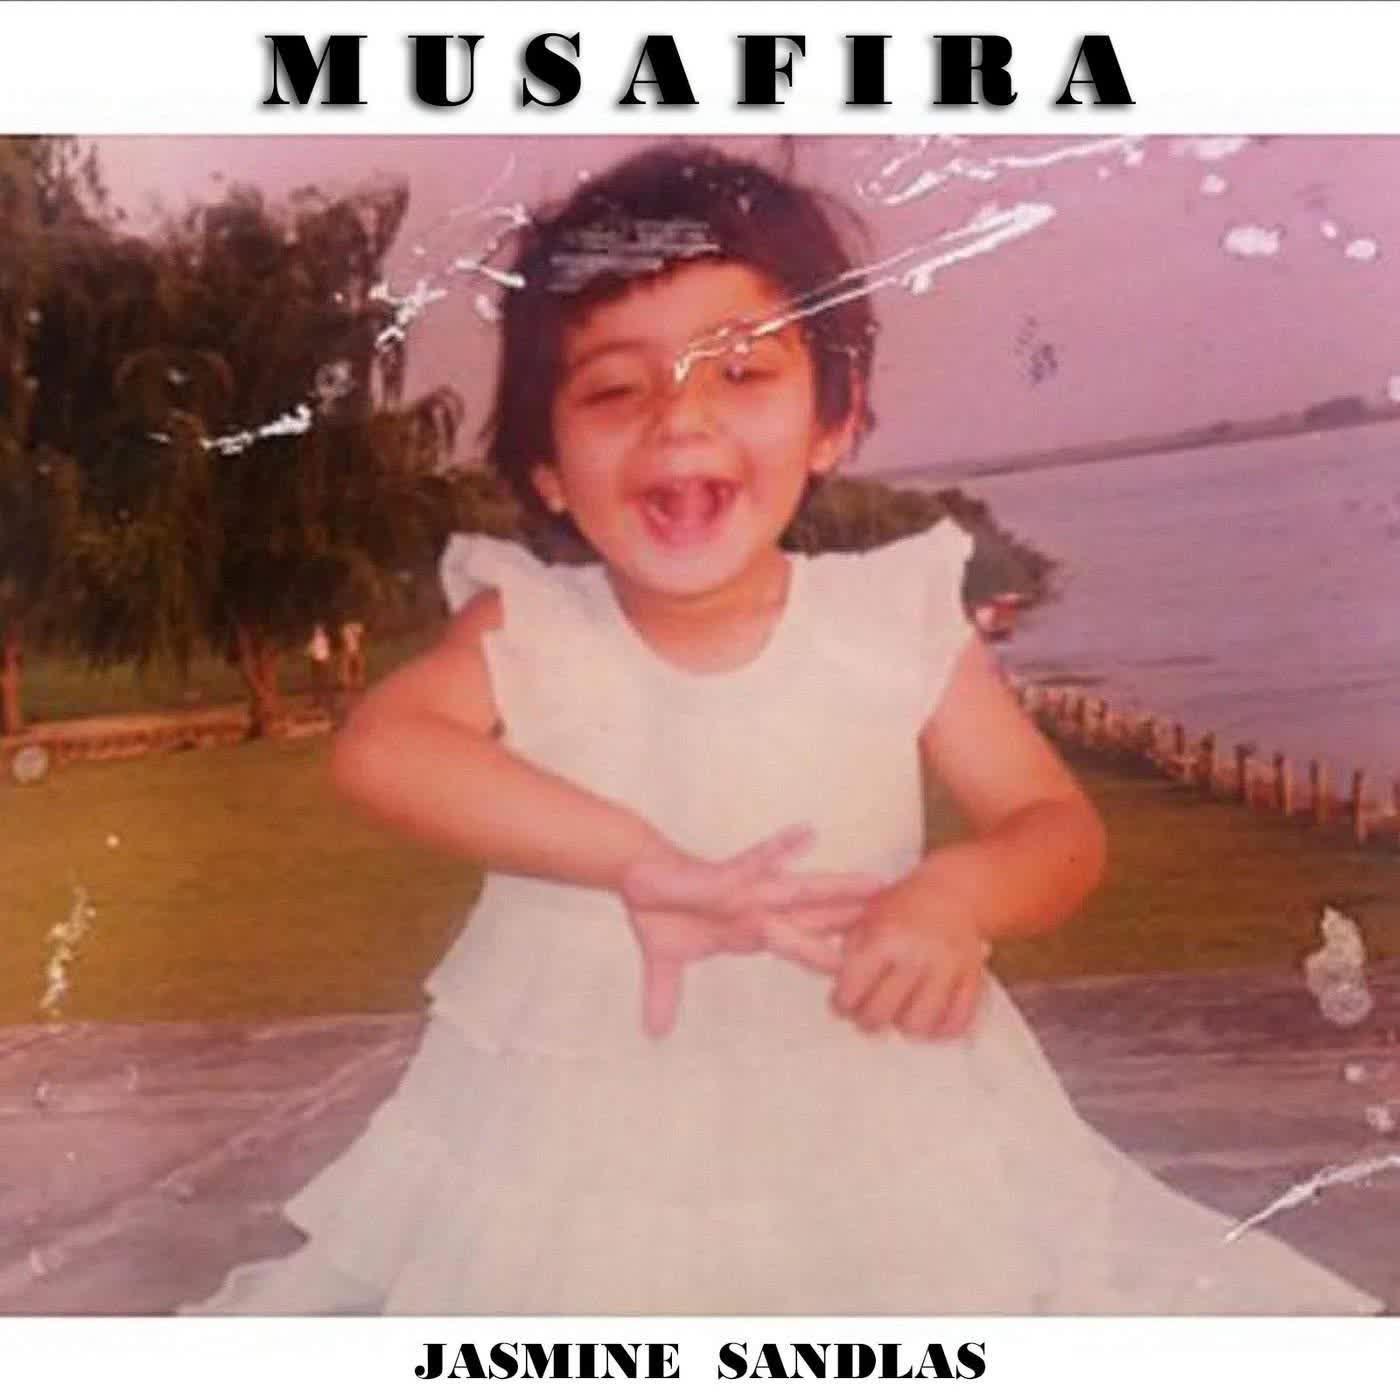 Musafira Jasmine Sandlas